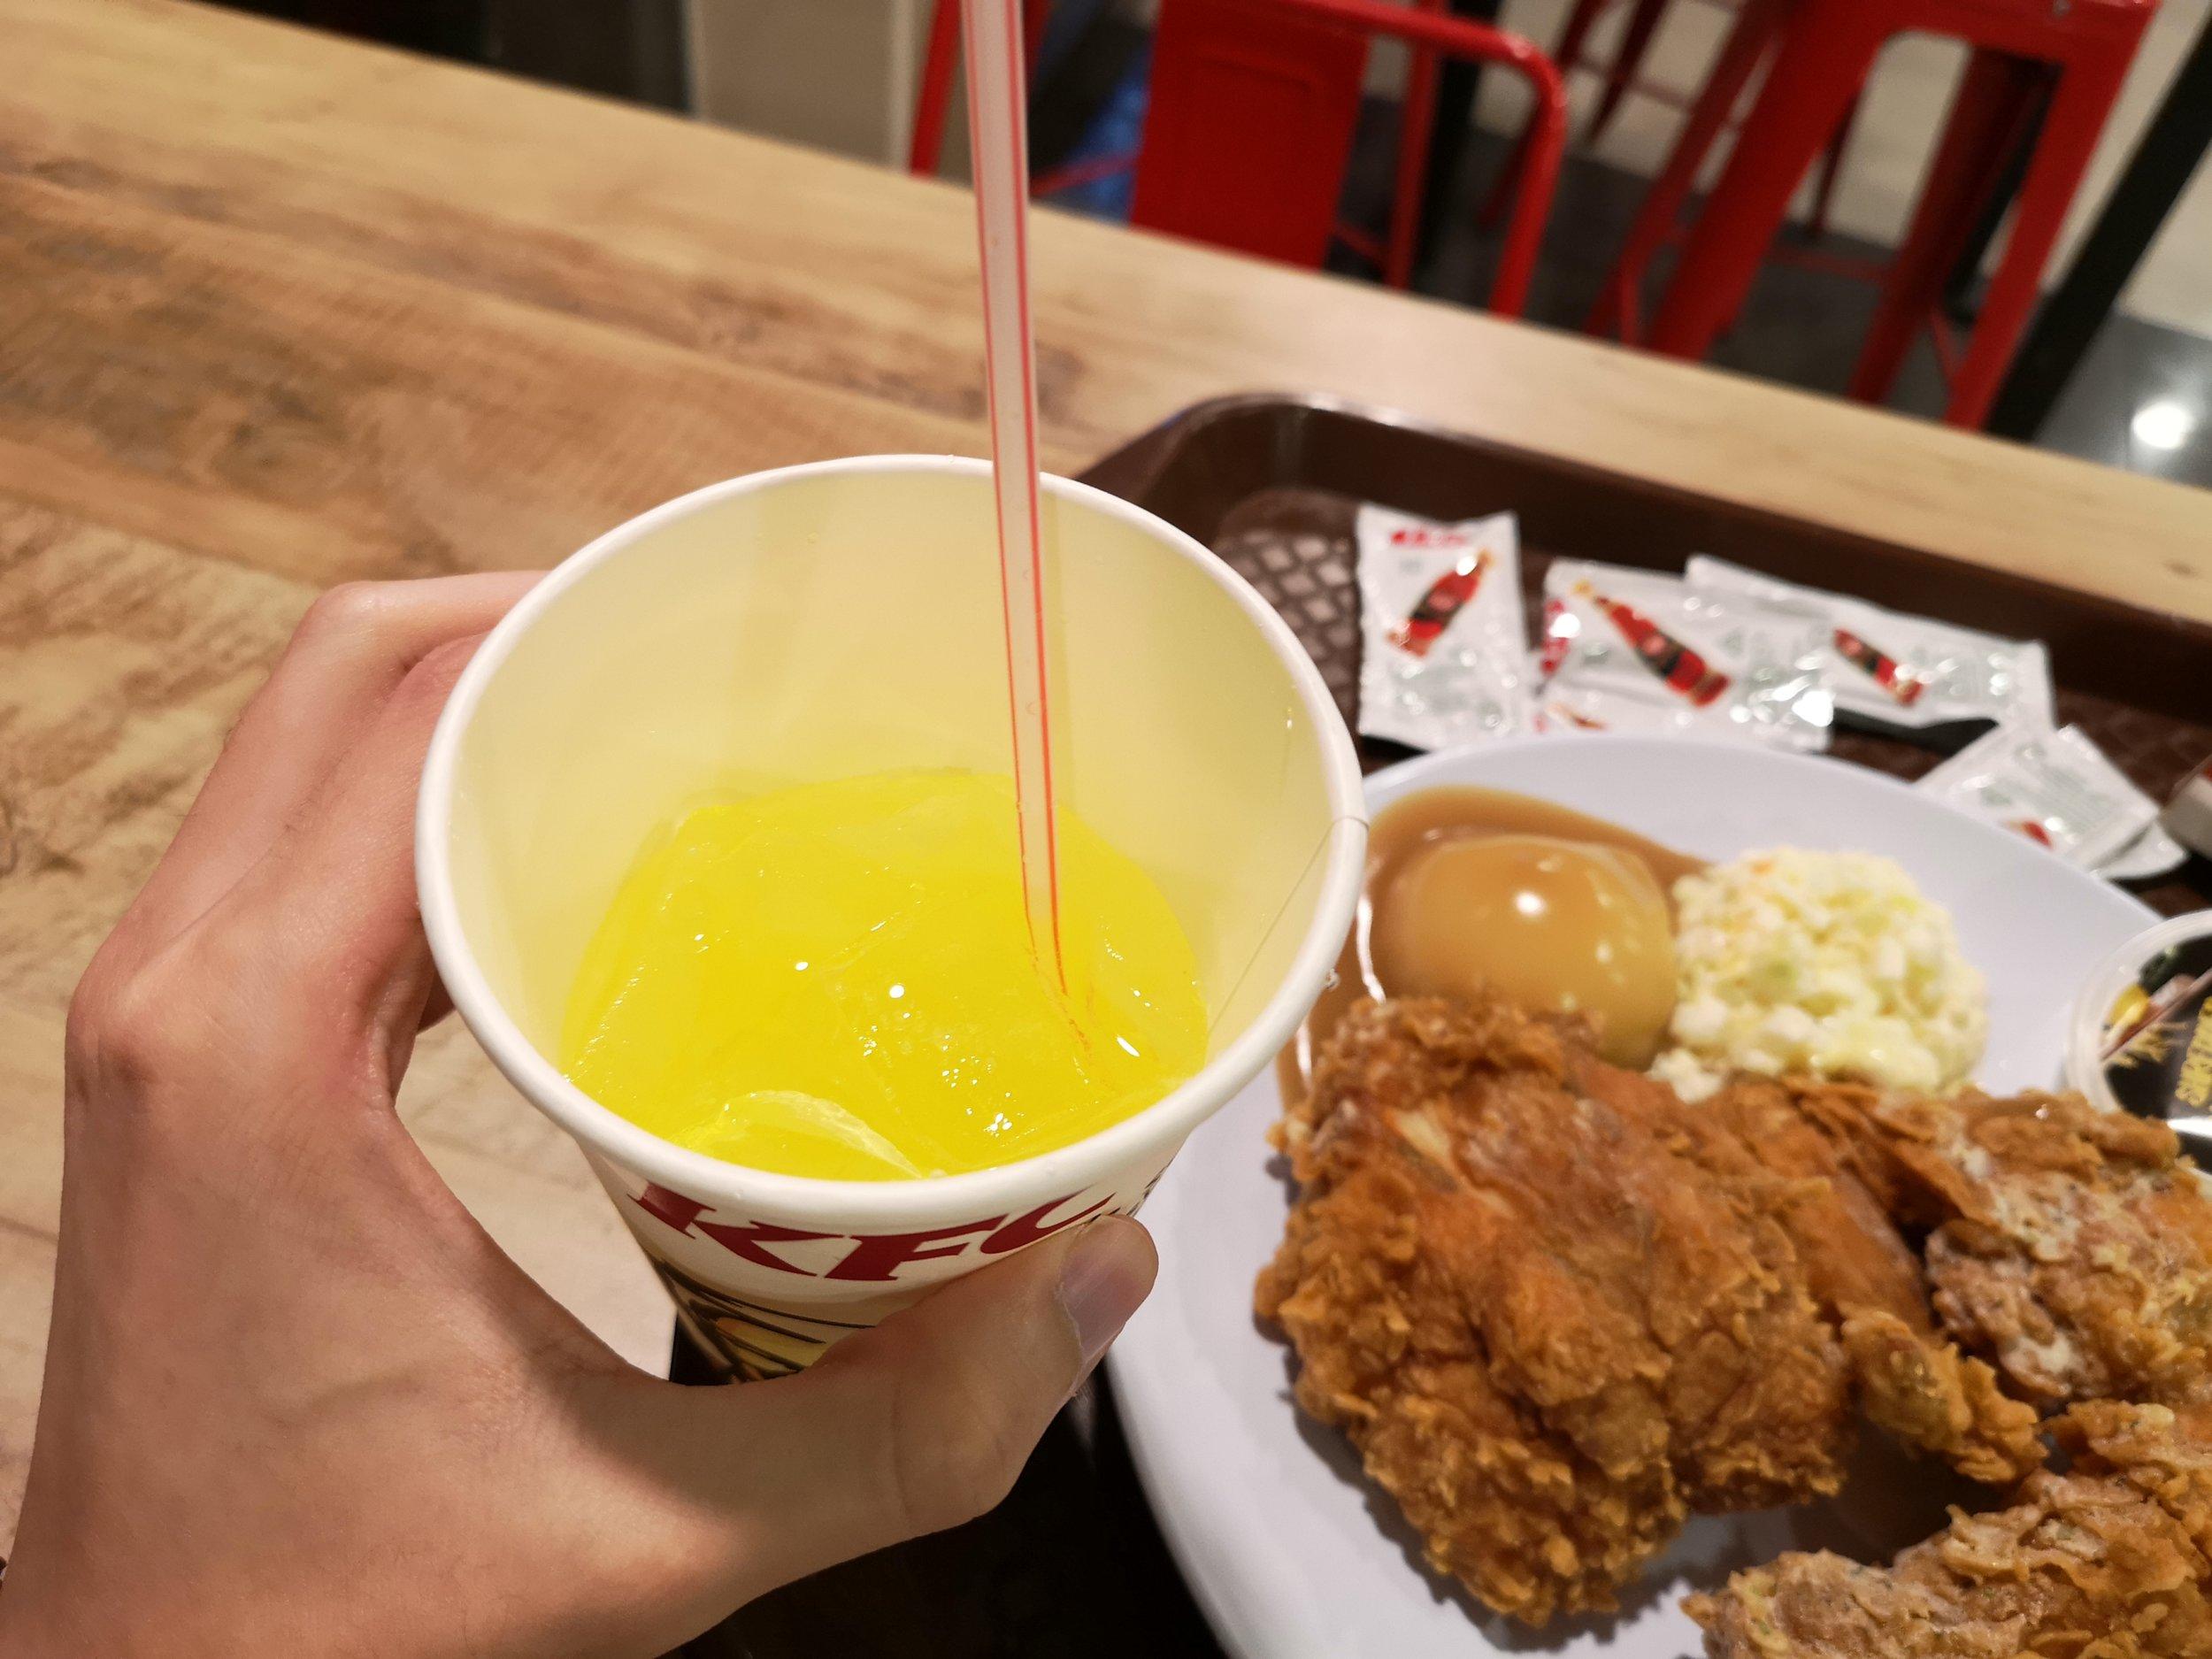 KFC Truffle Crunch Mountain Dew